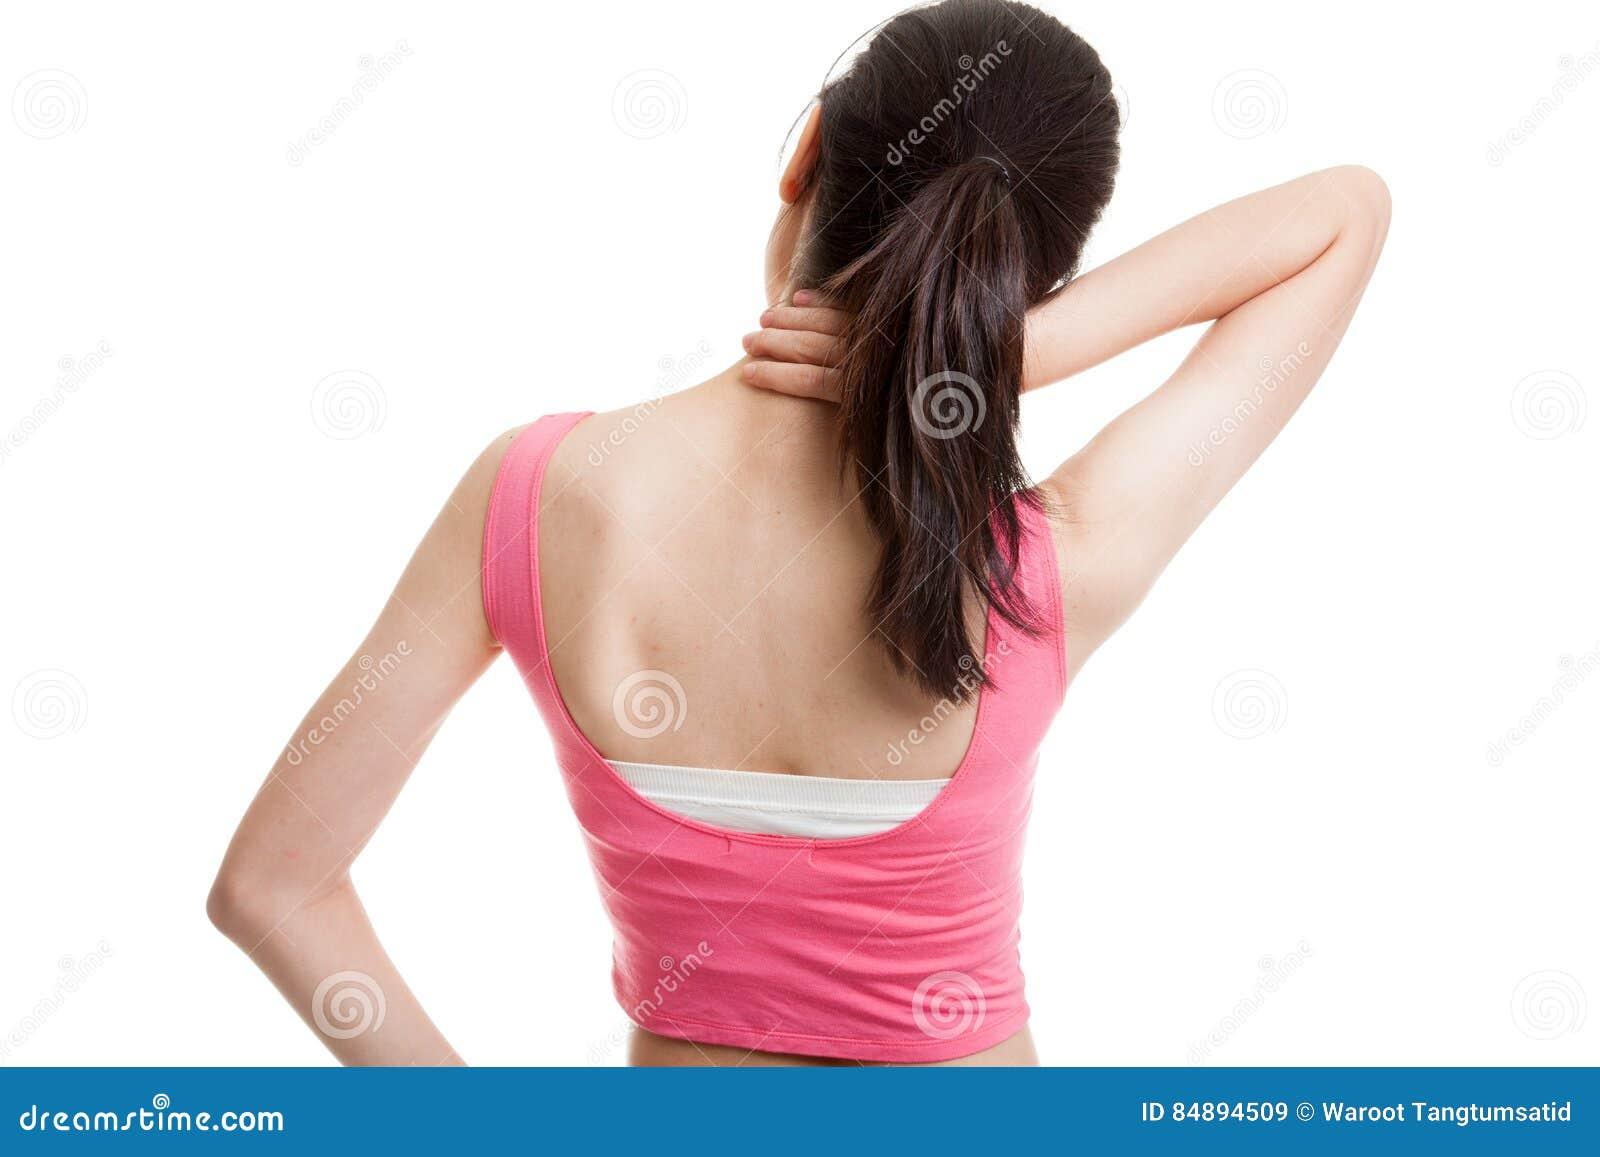 Fiebre y dolor de cuello